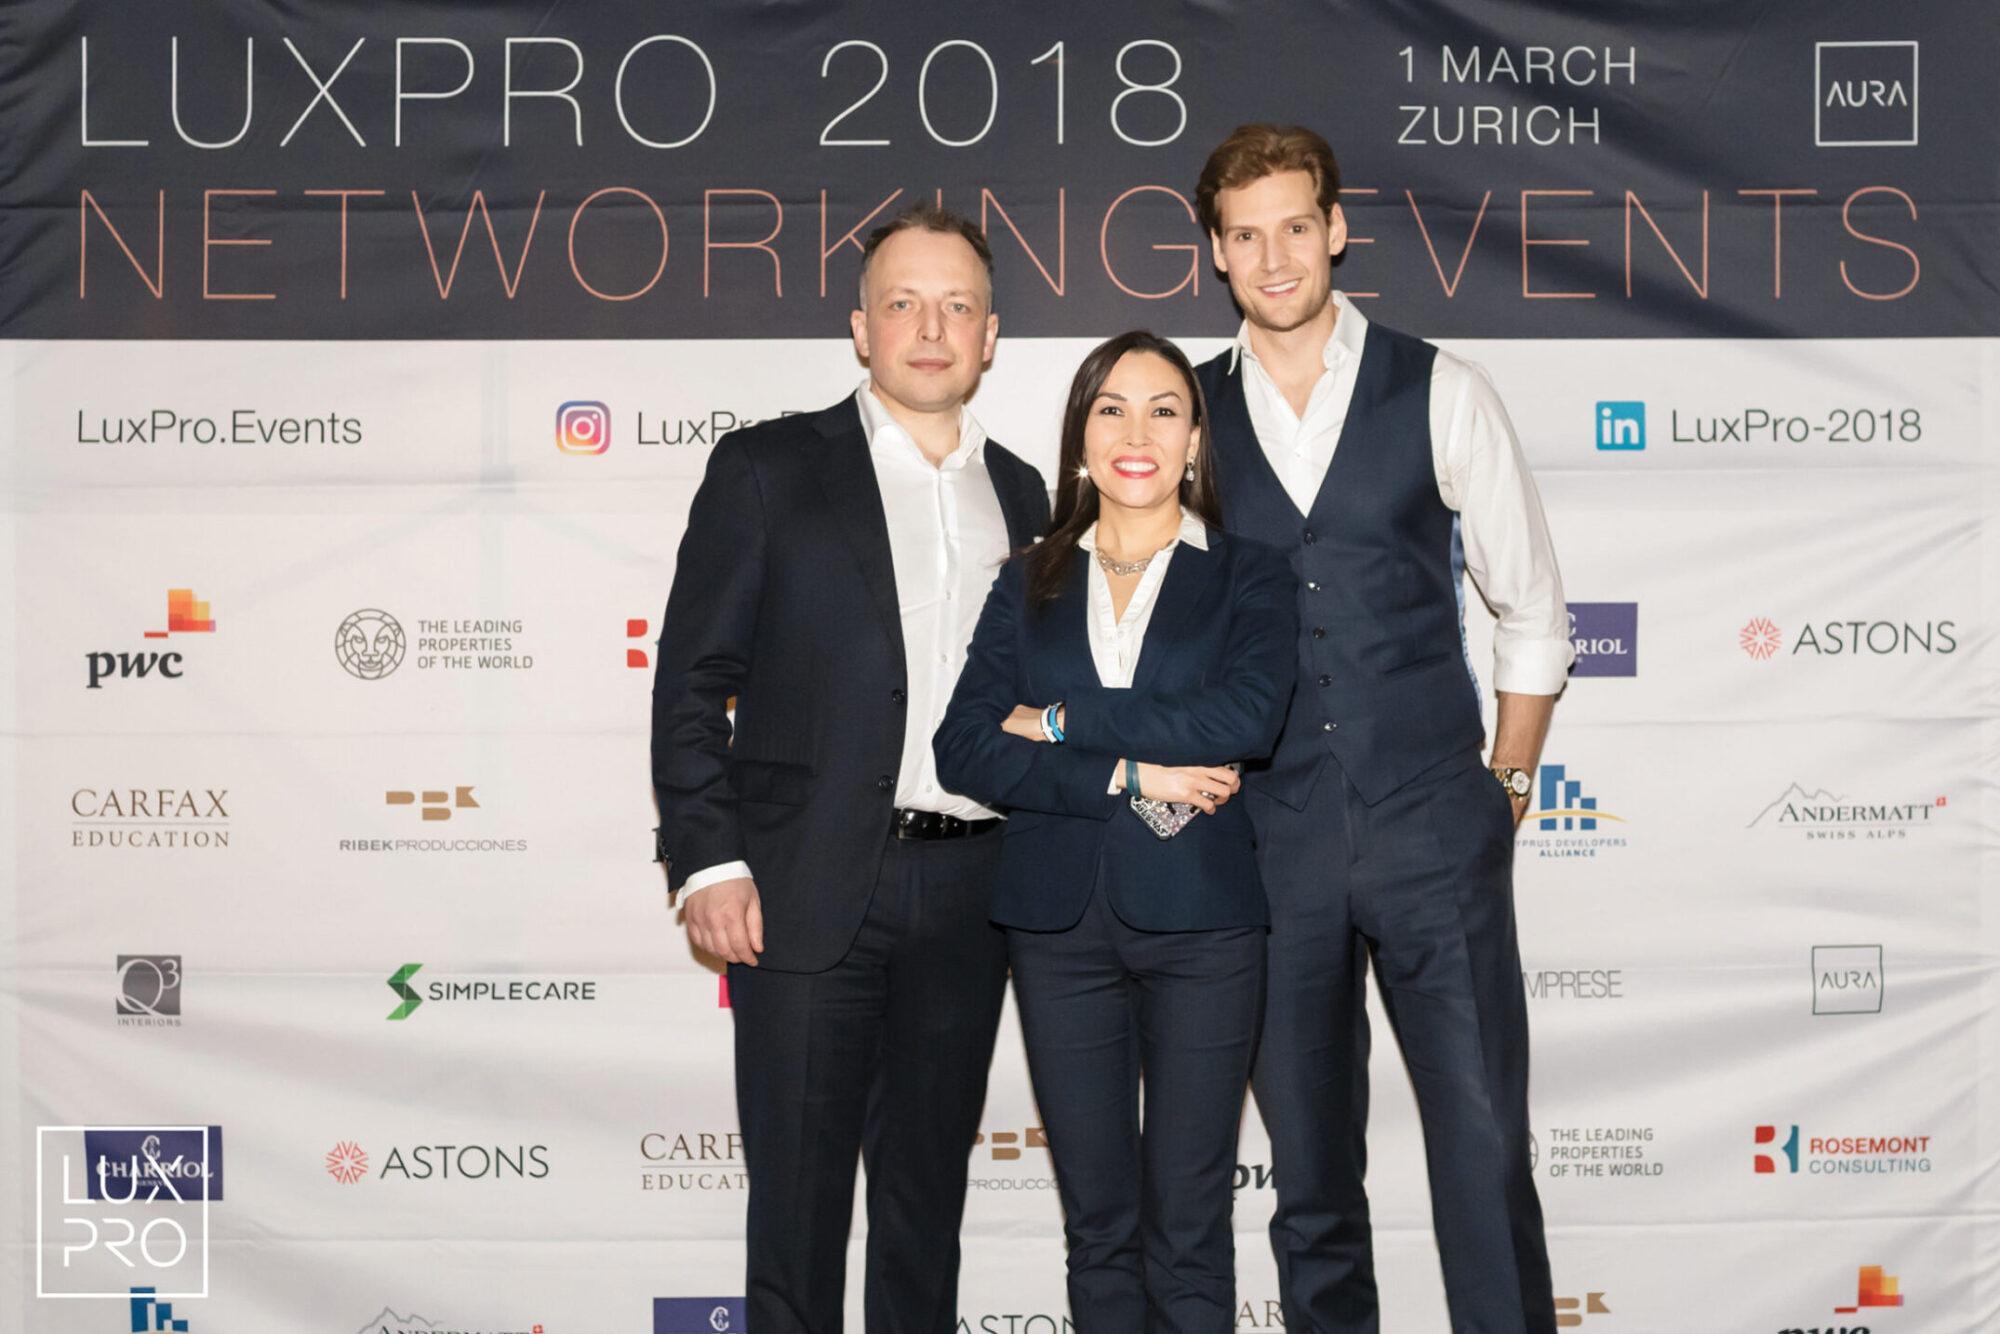 Акционеры и основатели LUXPRO Sergey Sander, Gulshat Uzenbaeva и модератор Alexander Johnson